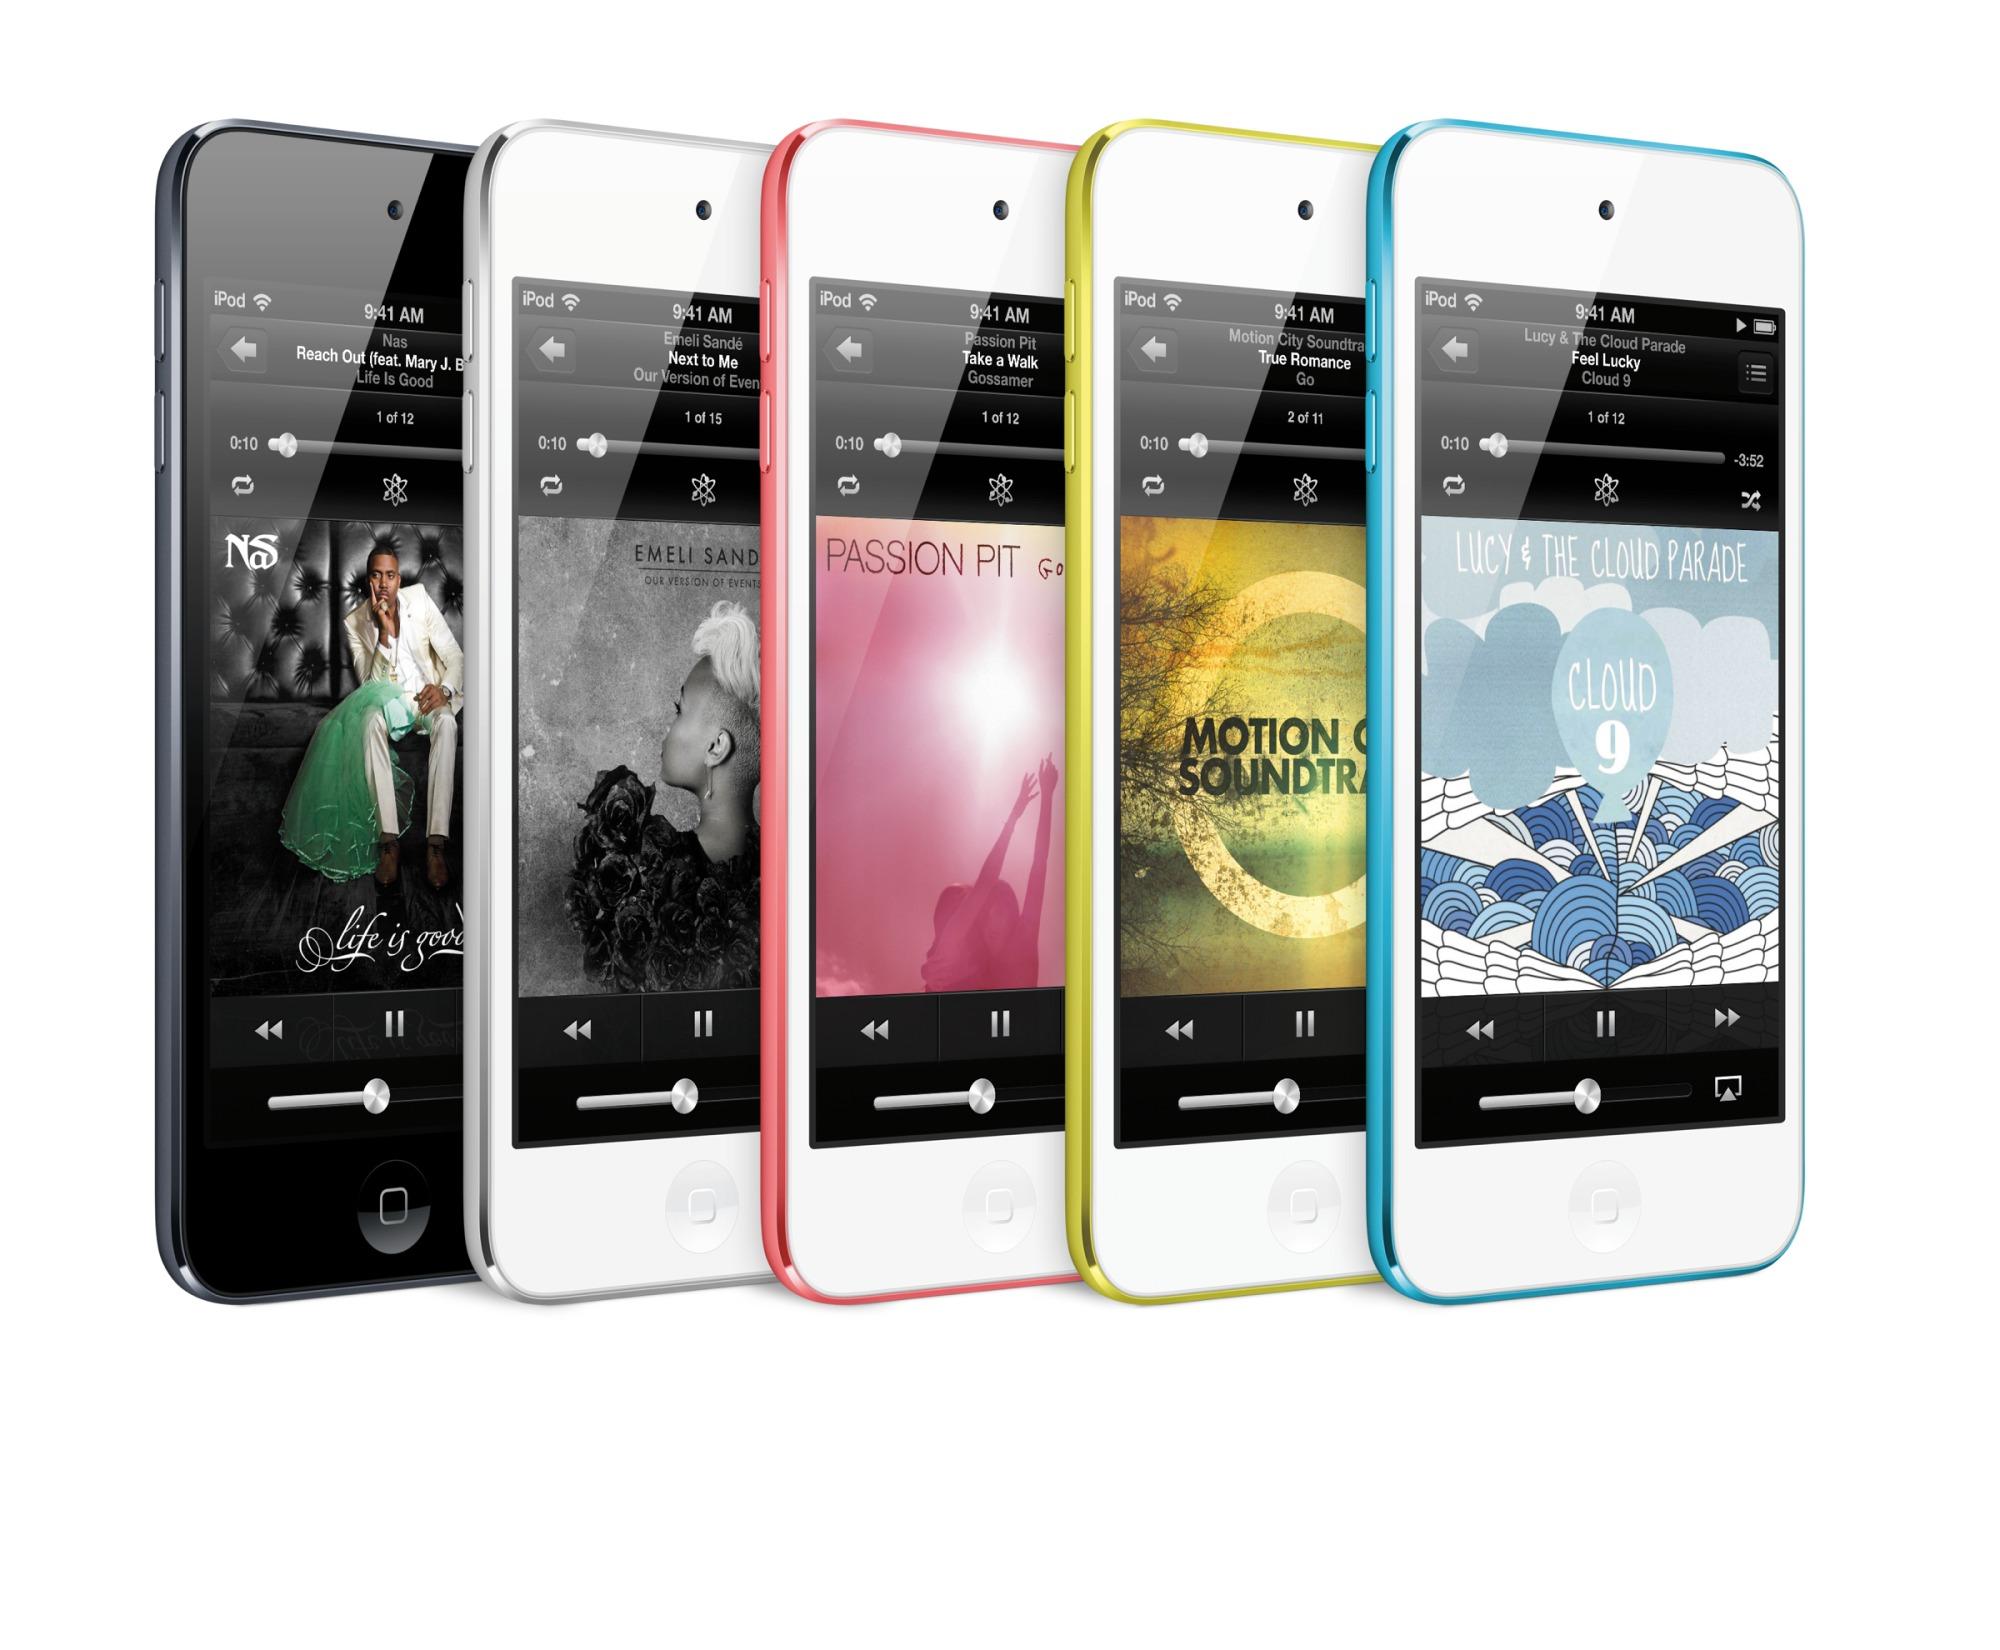 De nieuwe iPod touch erft het Retina-dsiplay van de iPhone 5 en komt met spraakassistent Siri.